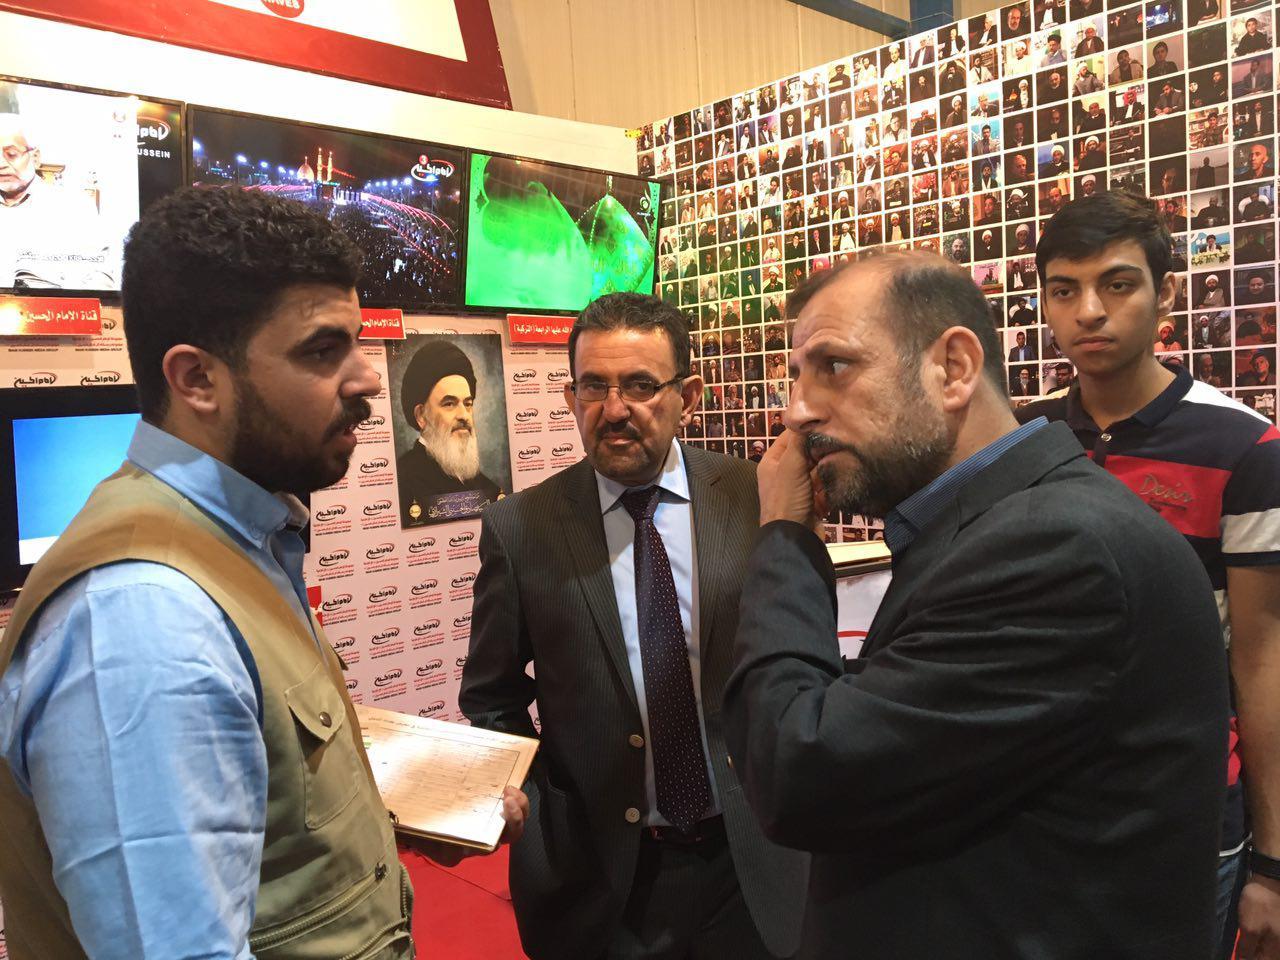 تصویر گزارش تصویری ـ استقبال از غرفه مجموعه رسانه اي امام حسين عليه السلام در چهارمین دوره از نمایشگاه بین المللی کتاب بغداد